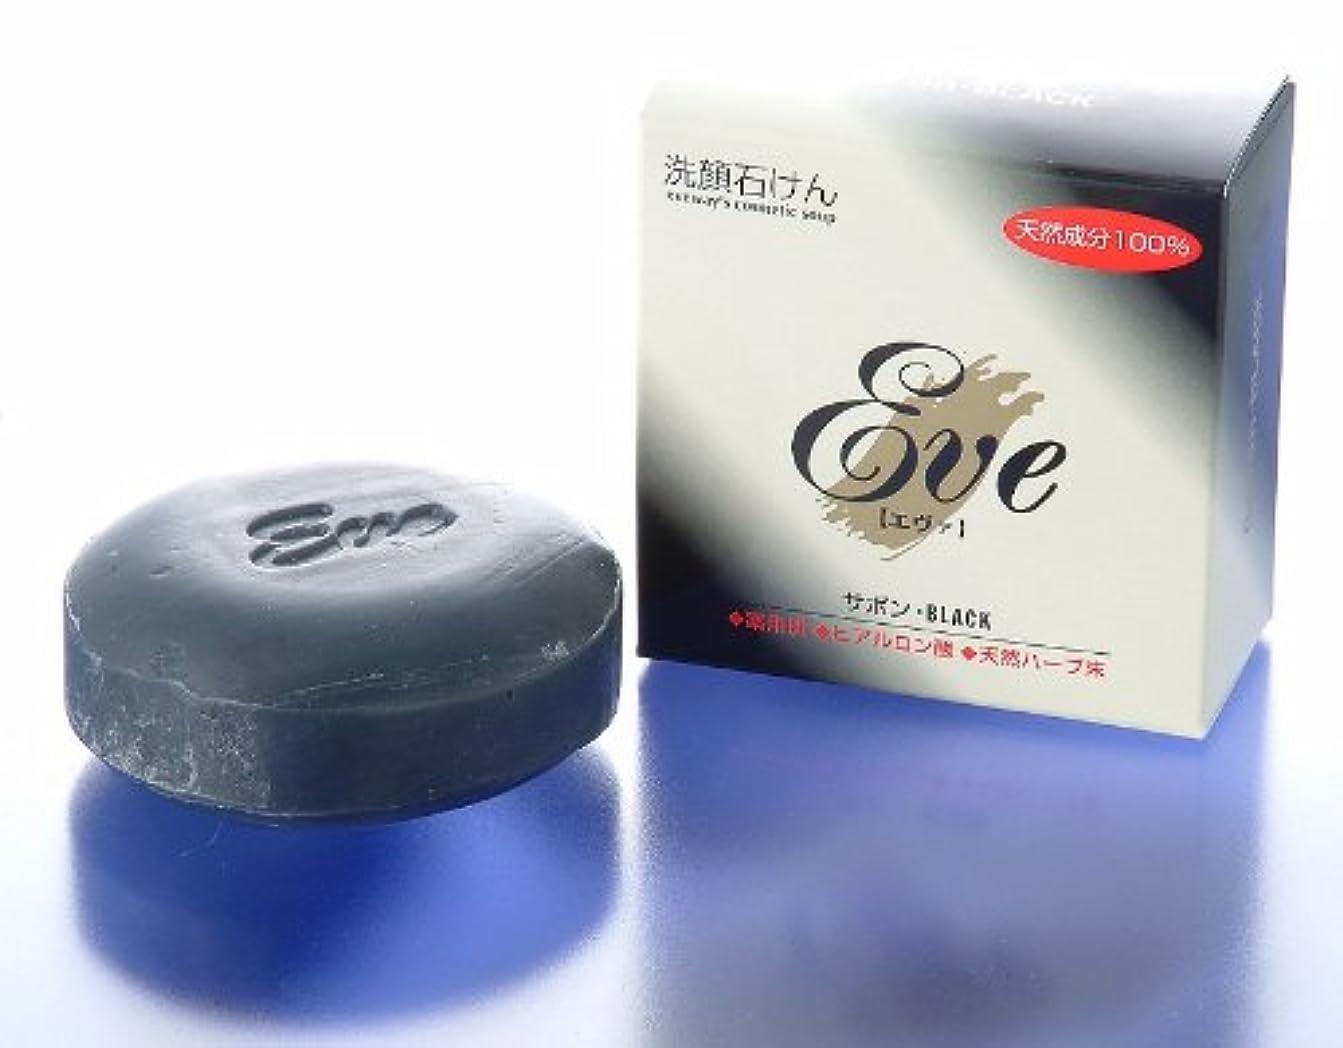 アクセルキャビン起訴する洗顔 化粧石鹸 サボンブラック クレンジングの要らない石鹸です。